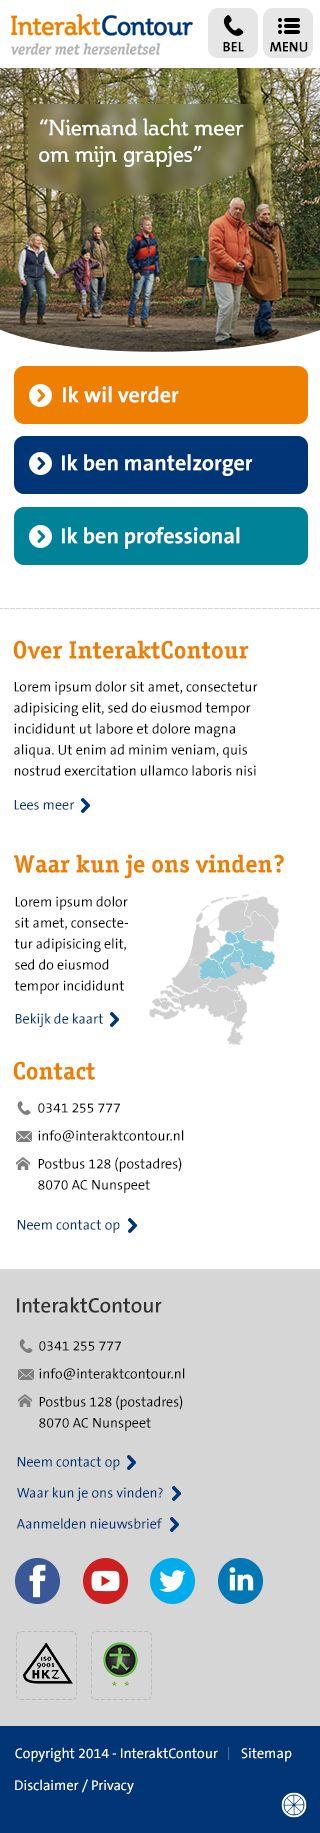 Webdesign Interakt Contour - homepage mobiel